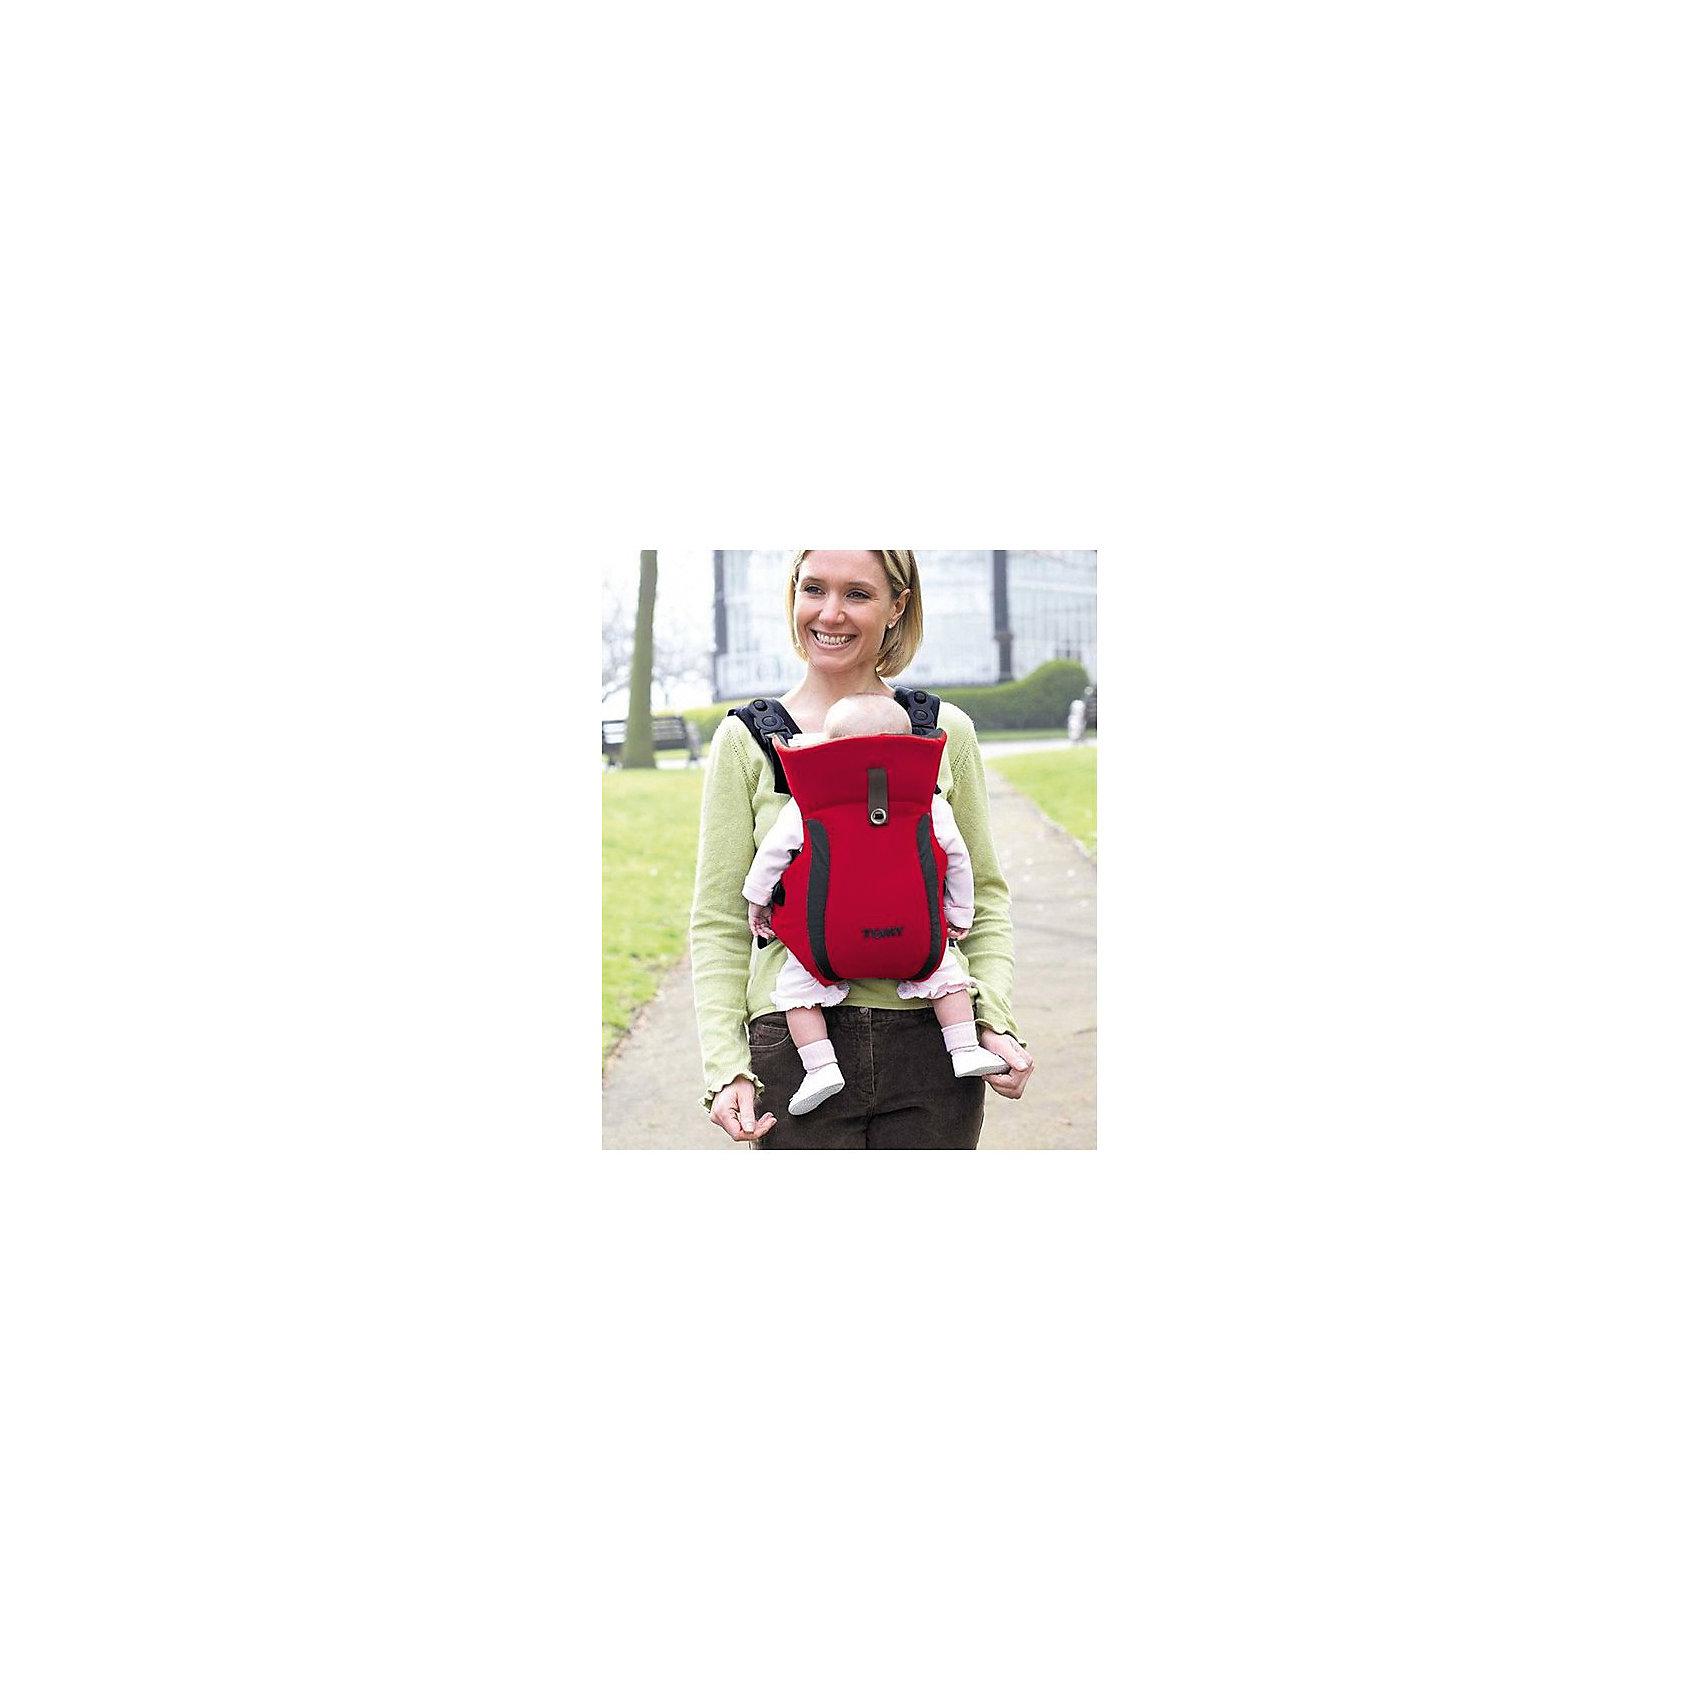 Рюкзак-переноска для детей Freestyle Premier, Tomy, красныйРюкзак-переноска для детей Freestyle Premier, Summer Infant, является идеальной альтернативой детской коляске в течение первых месяцев жизни ребенка. Удобная переноска позволяет малышу находится в тесном контакте с родителями и присутствовать при всех семейных занятиях, будь то прогулка в лесу или покупки в магазинах. Использование переноски освобождает Ваши руки и одновременно позволяет ребенку наслаждаться близостью родителя и чувствовать себя спокойным и защищенным. Модель Freestyle Premier легка, практична и проста в использовании. Регулируется по высоте по мере роста ребенка и имеет два удобных положения для ношения: лицом или спиной к родителям (рекомендовано с 3-х месяцев). Надежные ремни оснащены усиленными амортизирующими подкладками для наибольшего комфорта родителей и простыми в использовании замками для быстрой фиксации рюкзака.<br><br>Эргономичное сиденье обеспечивает малышу максимальный комфорт. Конструкция спинки с уникальным воротом способствует правильной осанке и идеальной поддержке головки ребёнка. Рюкзак дополнен такими полезными деталями как слюнявчик и держатель для пустышки.<br>Приятный материал из 100% хлопка очень мягкий, износоустойчивый и легкий в уходе. Можно стирать в стиральной машине. Подходит для детей весом от 3,5 до 12 кг.  <br><br>Дополнительная информация:<br><br>- Цвет: красный.<br>- Материал: текстиль.<br>- Размер: 33 х 29 х 13 см.<br>- Вес: 1,12 кг.<br><br>Рюкзак-переноску для детей Freestyle Premier, Summer Infant, красный, можно купить в нашем интернет-магазине.<br><br>Ширина мм: 325<br>Глубина мм: 285<br>Высота мм: 125<br>Вес г: 940<br>Возраст от месяцев: 0<br>Возраст до месяцев: 12<br>Пол: Унисекс<br>Возраст: Детский<br>SKU: 4722156